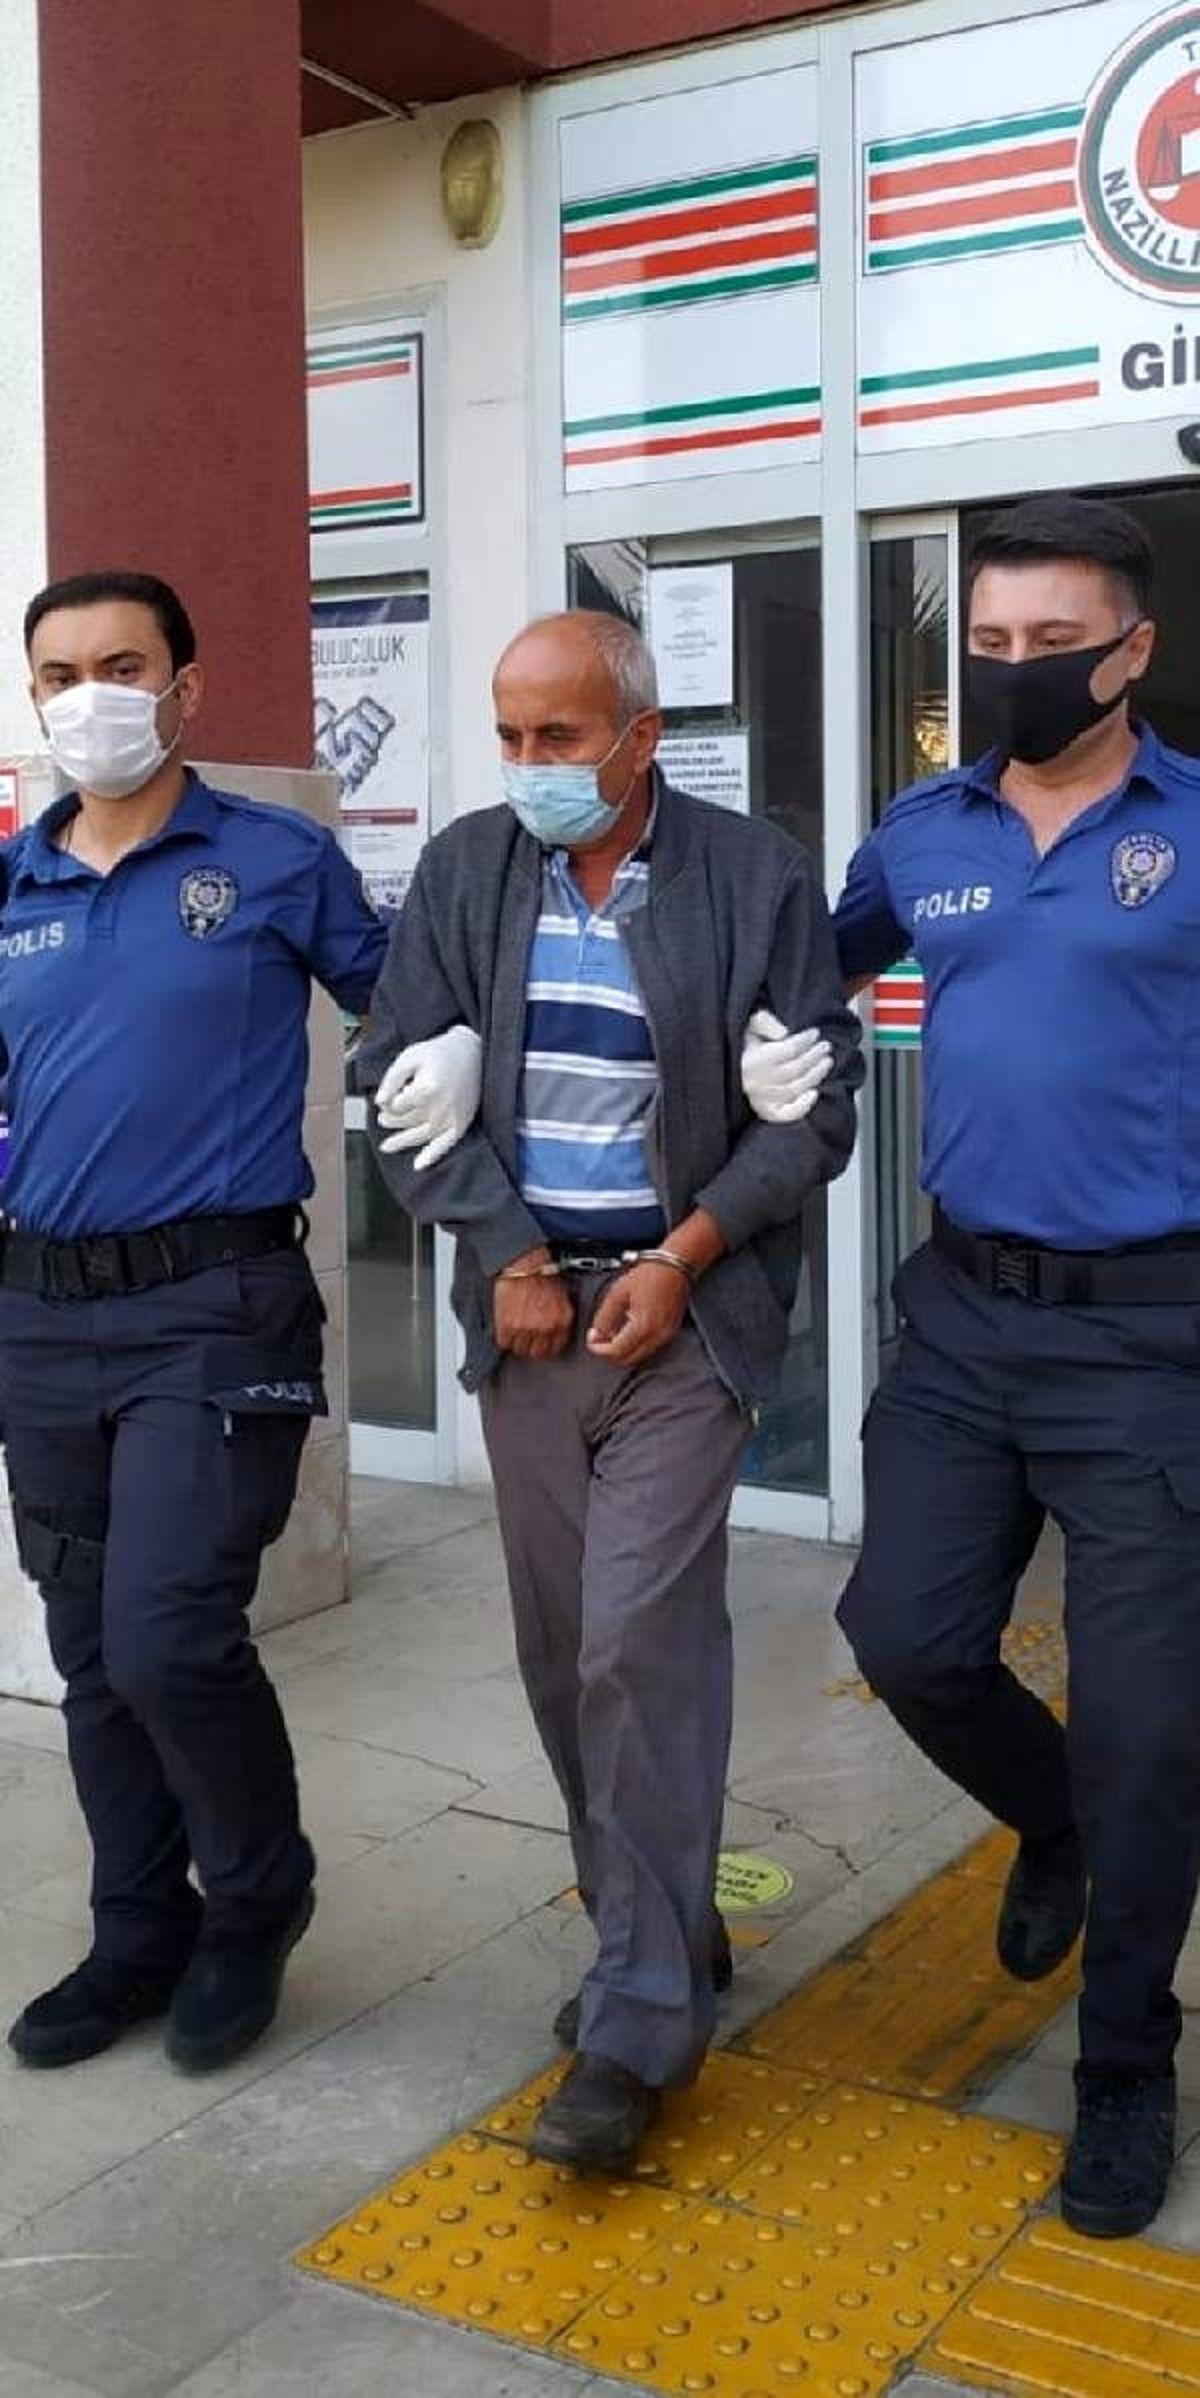 Aydın'da polisin düzenlediği operasyonda yakalanan 28 kişi, tutuklandı